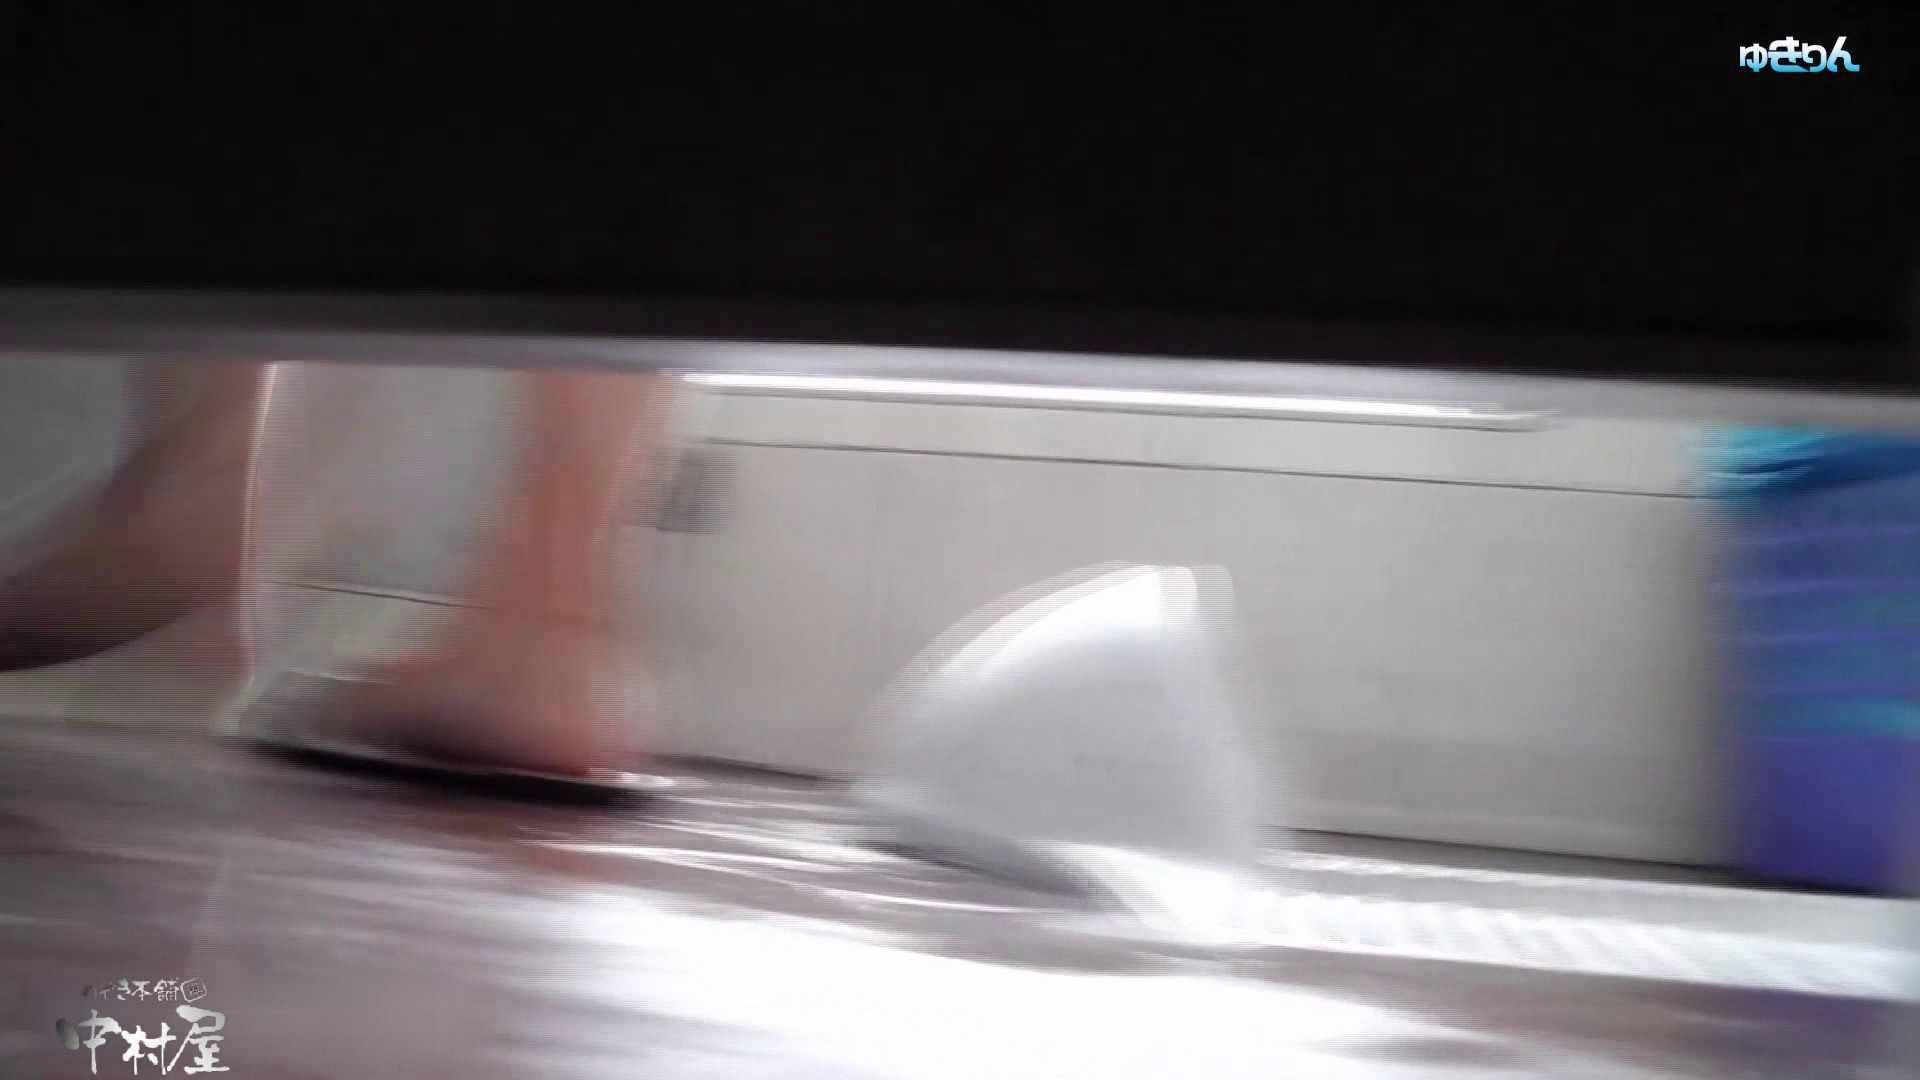 世界の射窓から~ステーション編 vol61 レベルアップ!!画質アップ、再発進 OLハメ撮り  77Pix 13